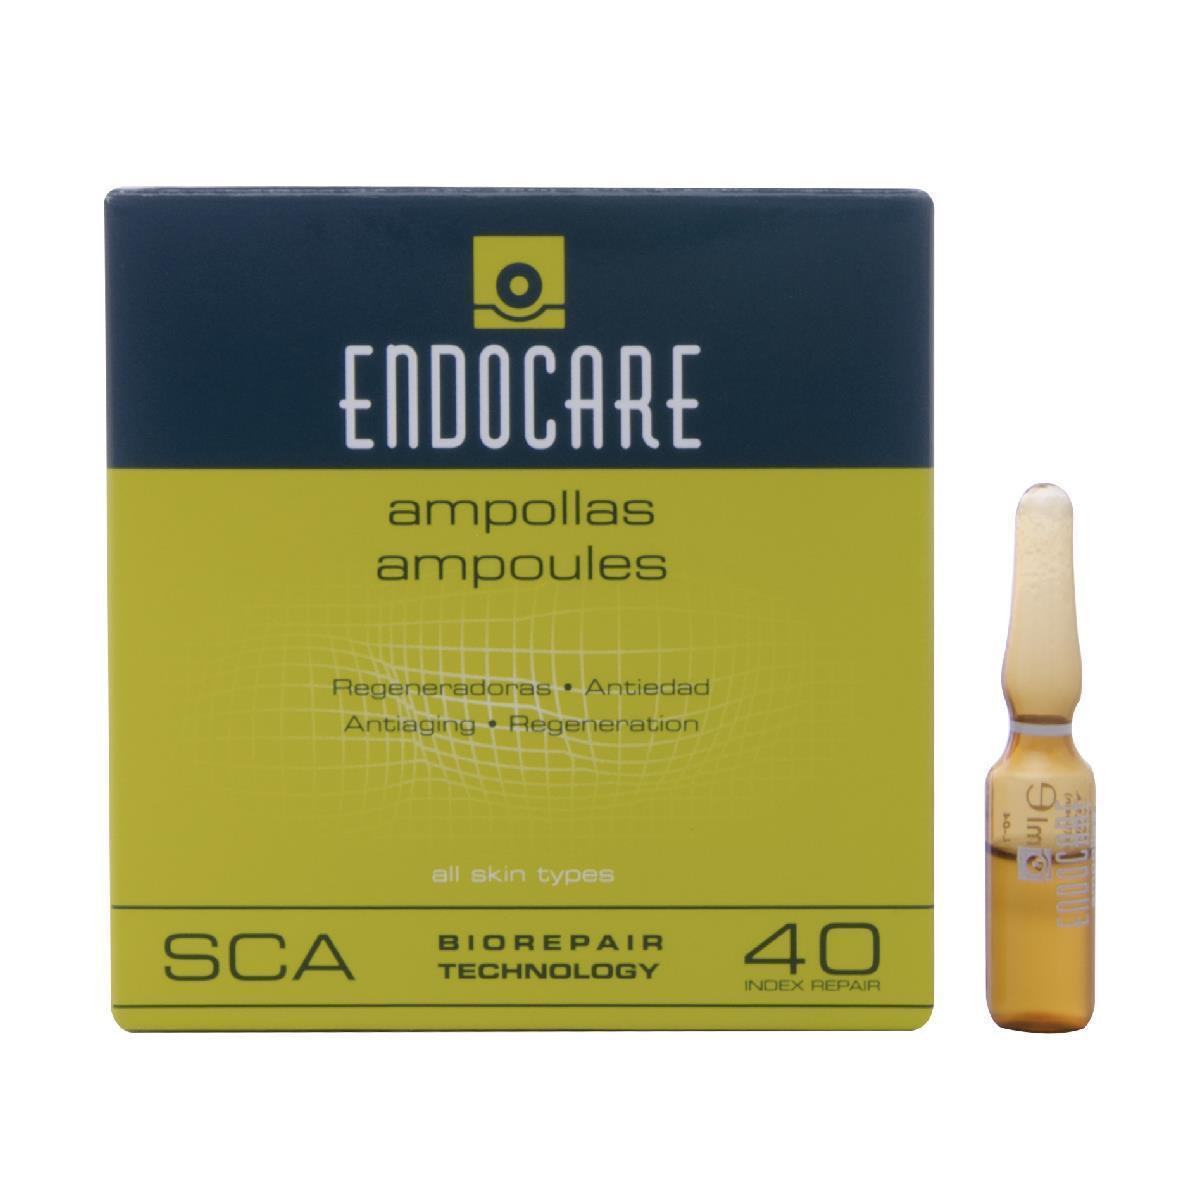 Endocare Ampolletas Caja 7 Ampolletas De 1 Ml C/U